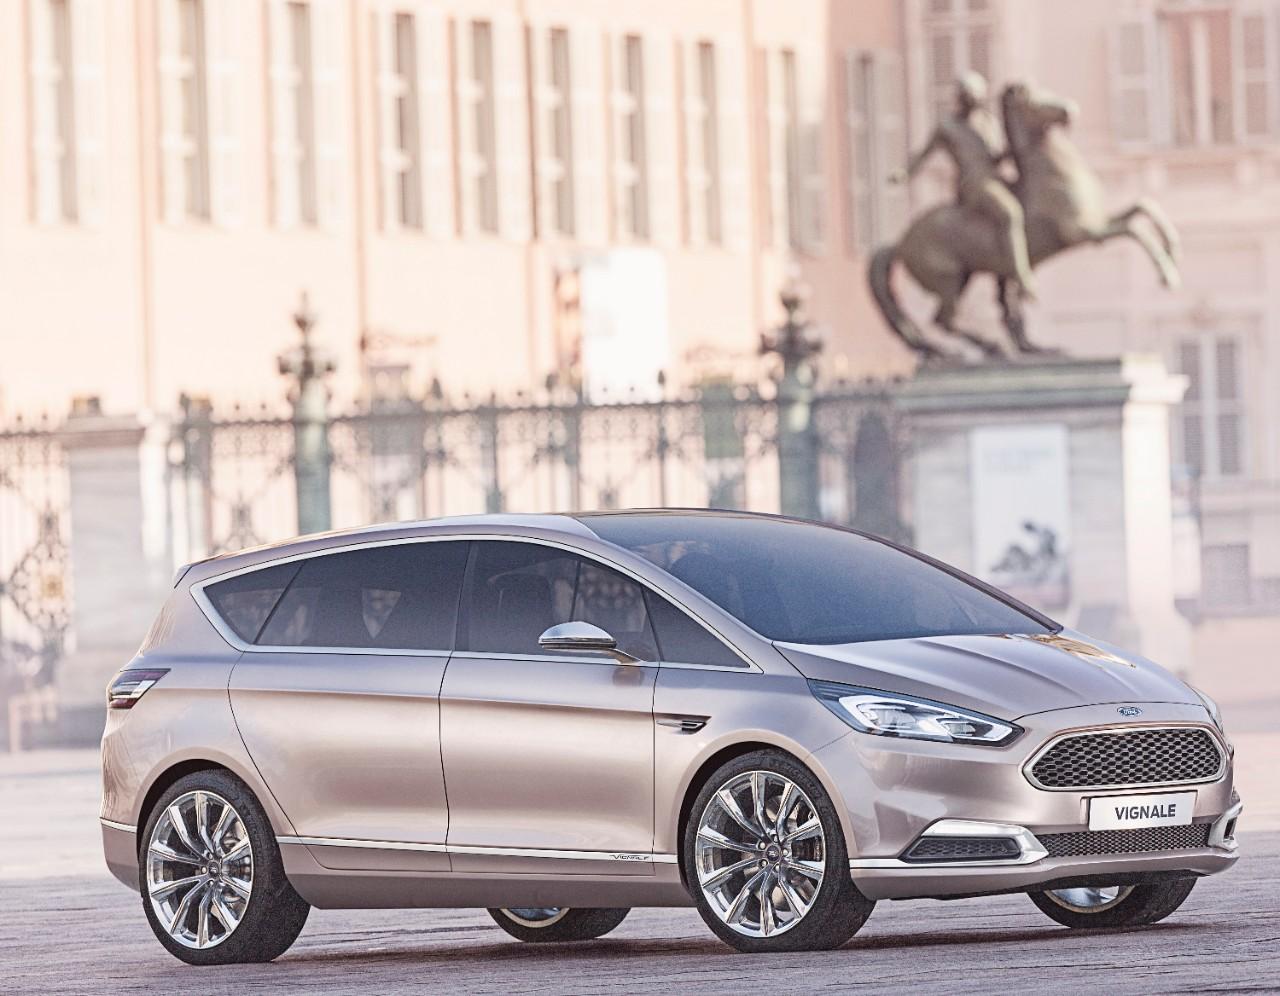 Essai ford mondeo vignale le billet auto passion automobile - Essai Ford Mondeo Vignale Le Billet Auto Passion Automobile 23